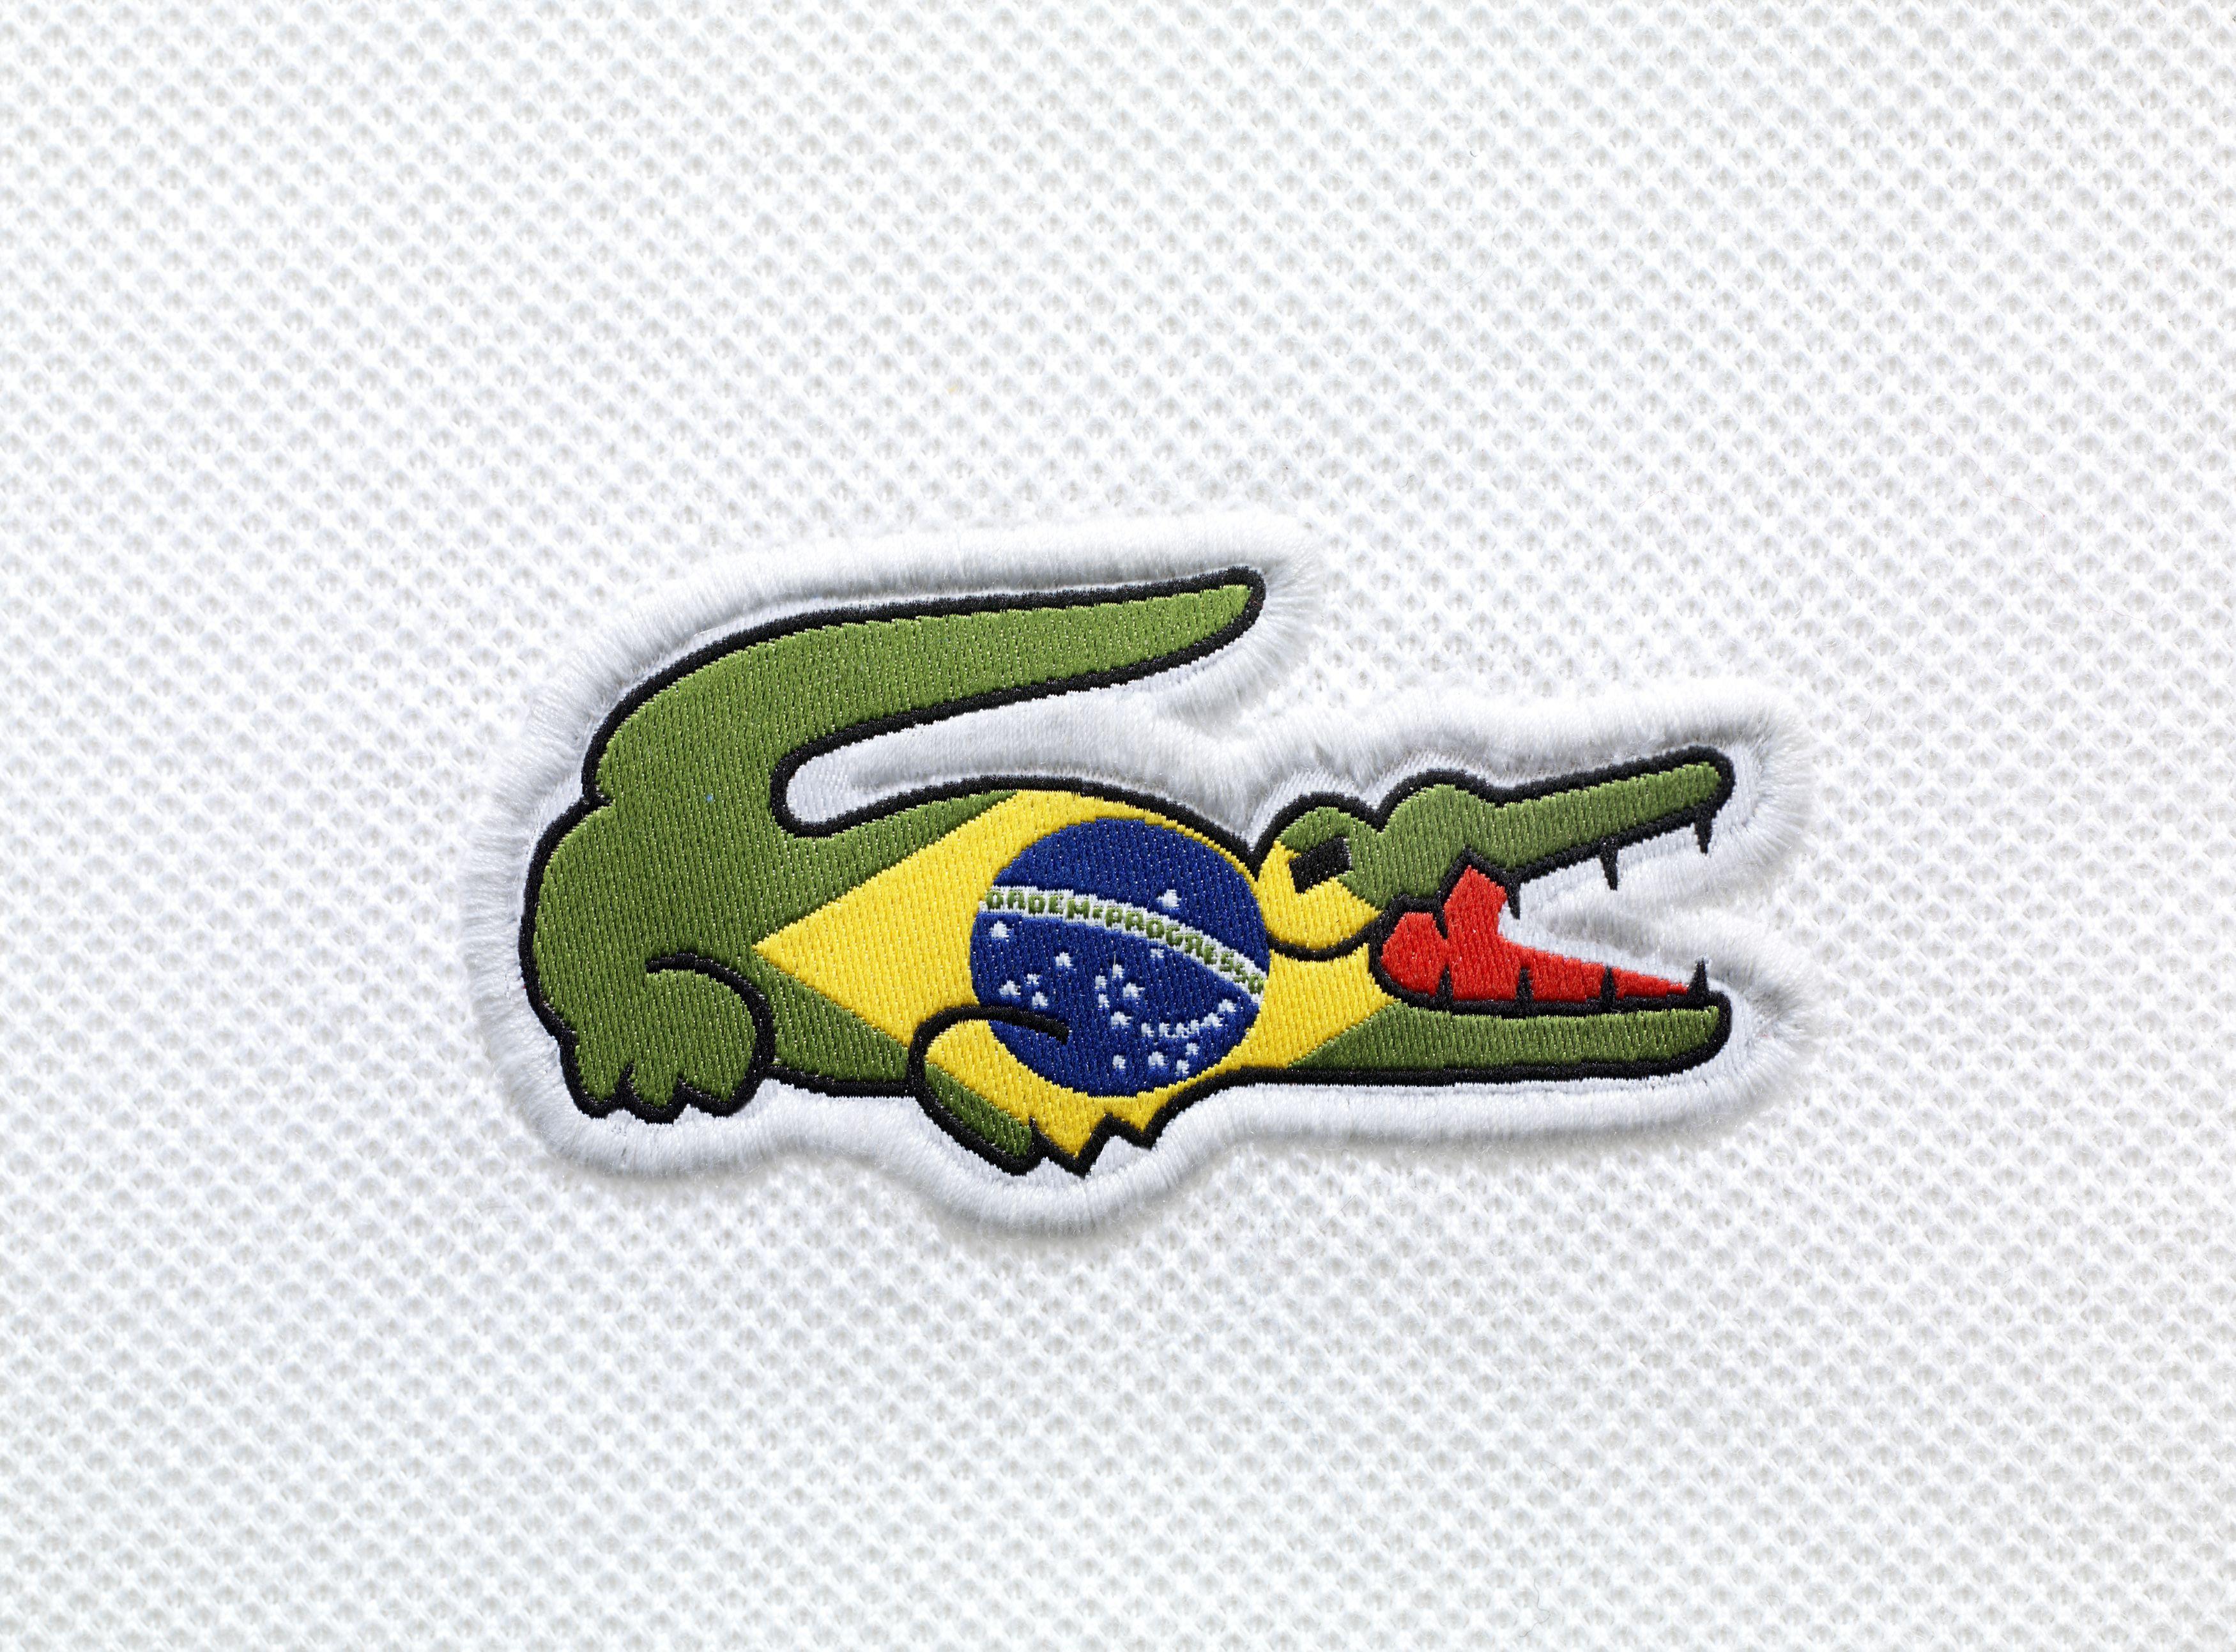 a7386b626ccd Lacoste Croco Flag Polo Collection - Brazil